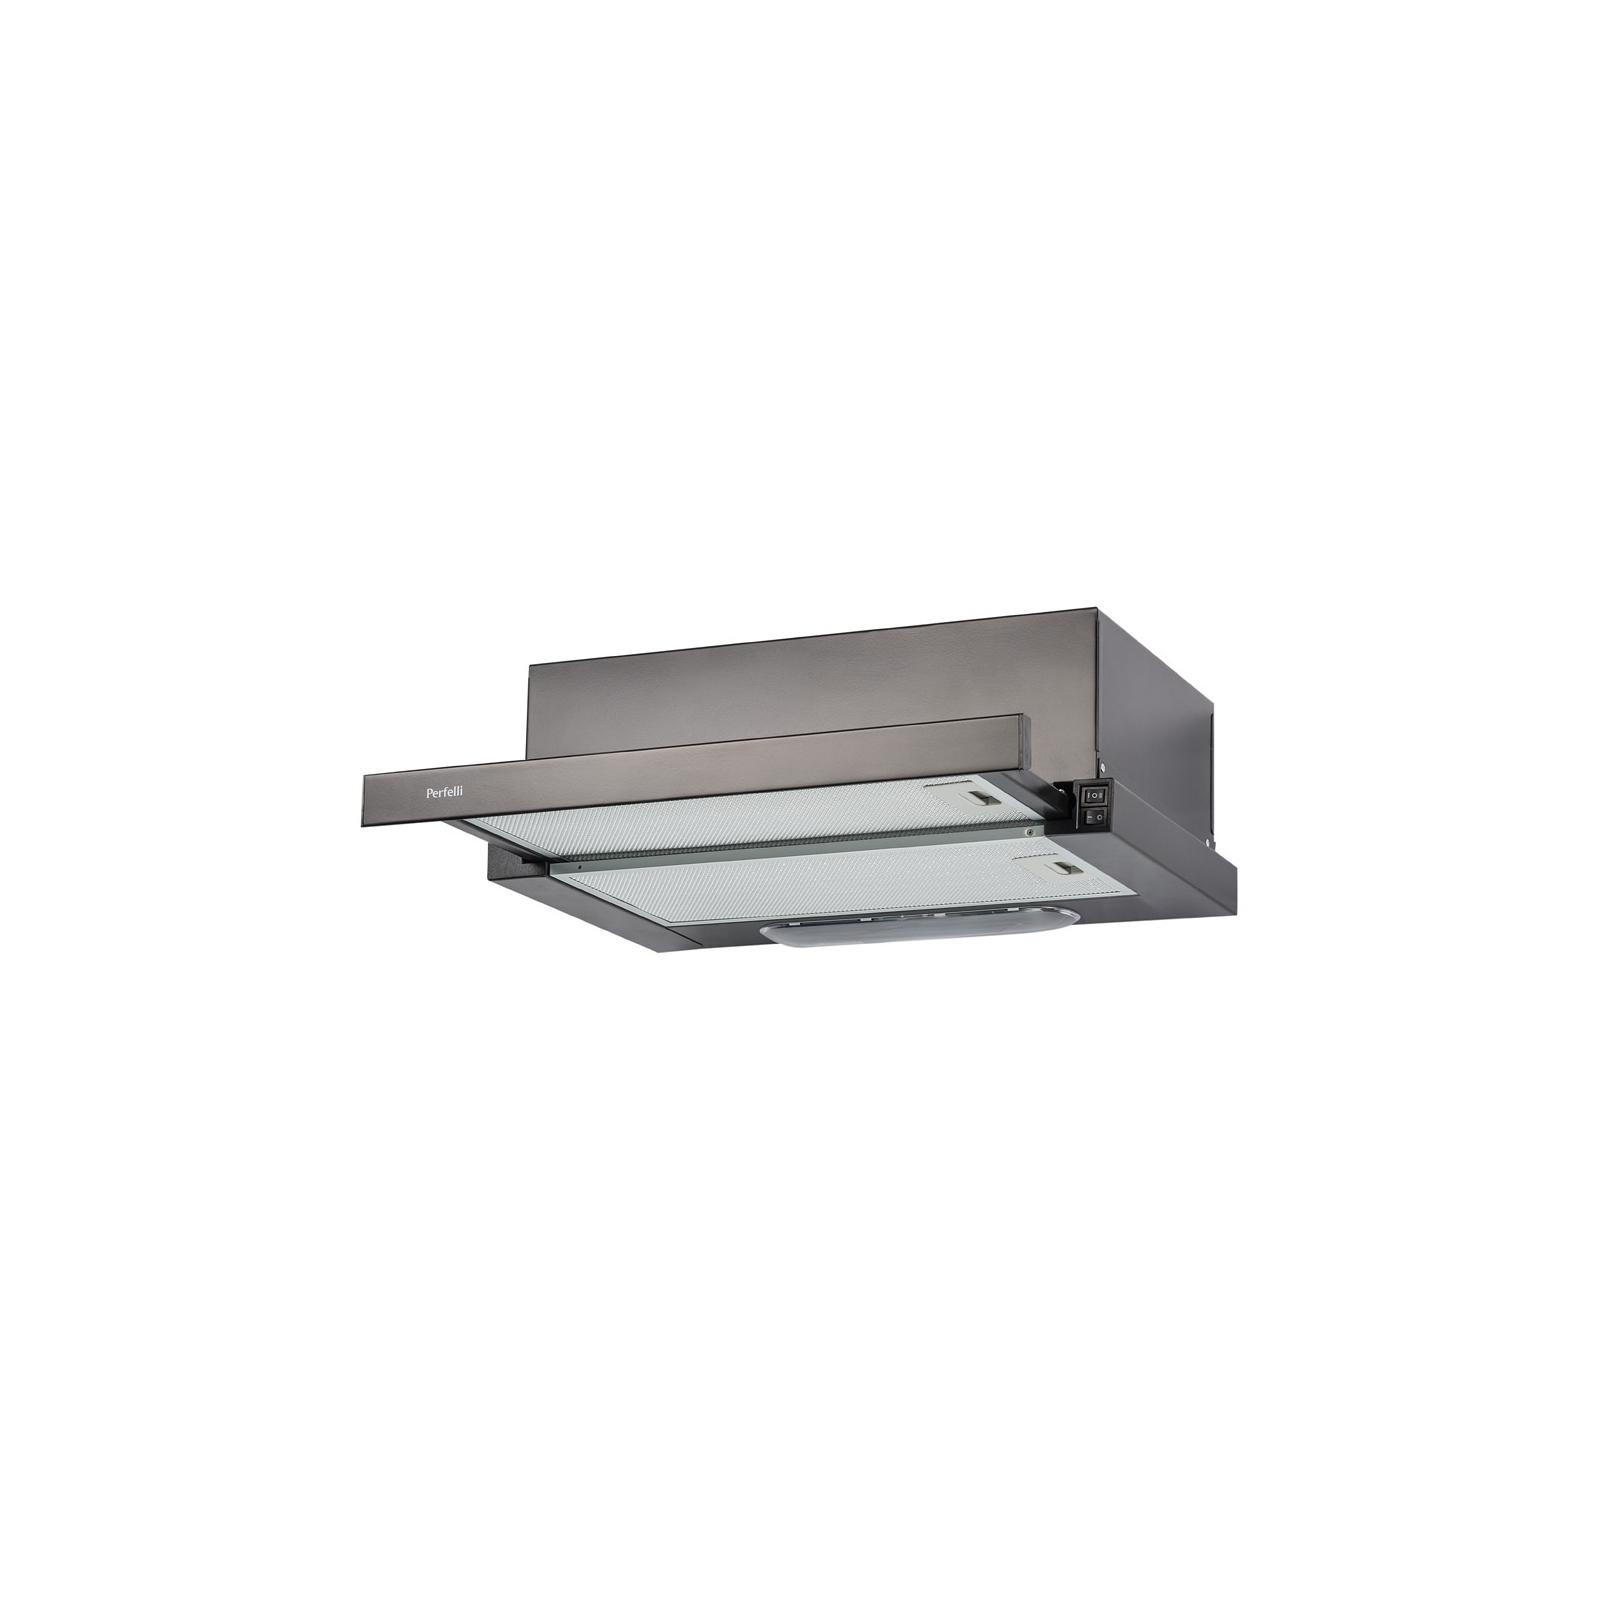 Вытяжка кухонная Perfelli TL 6010 IV